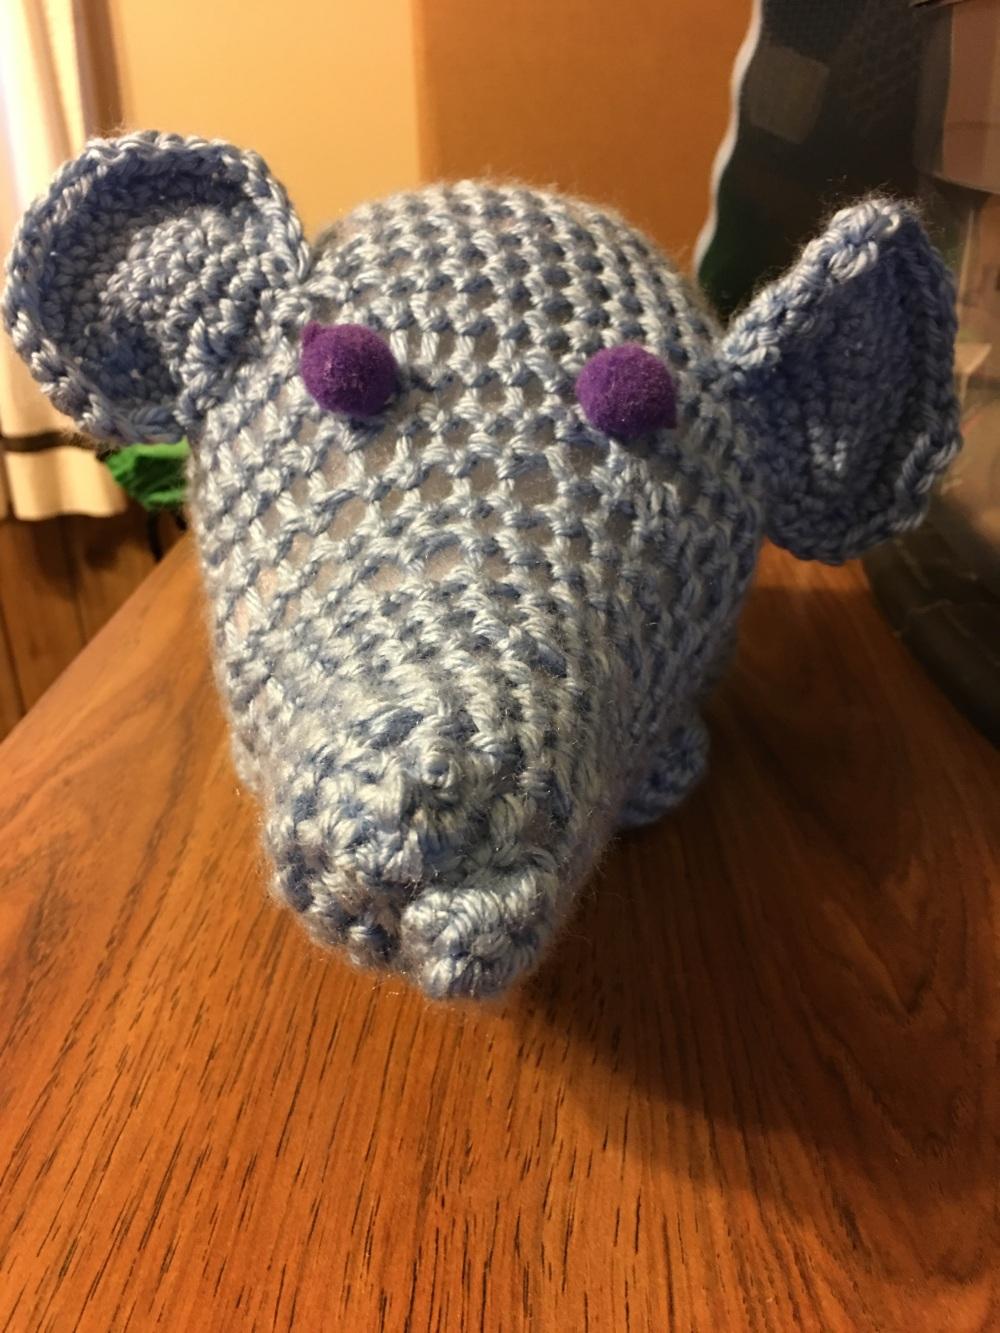 Beady eyed elephant